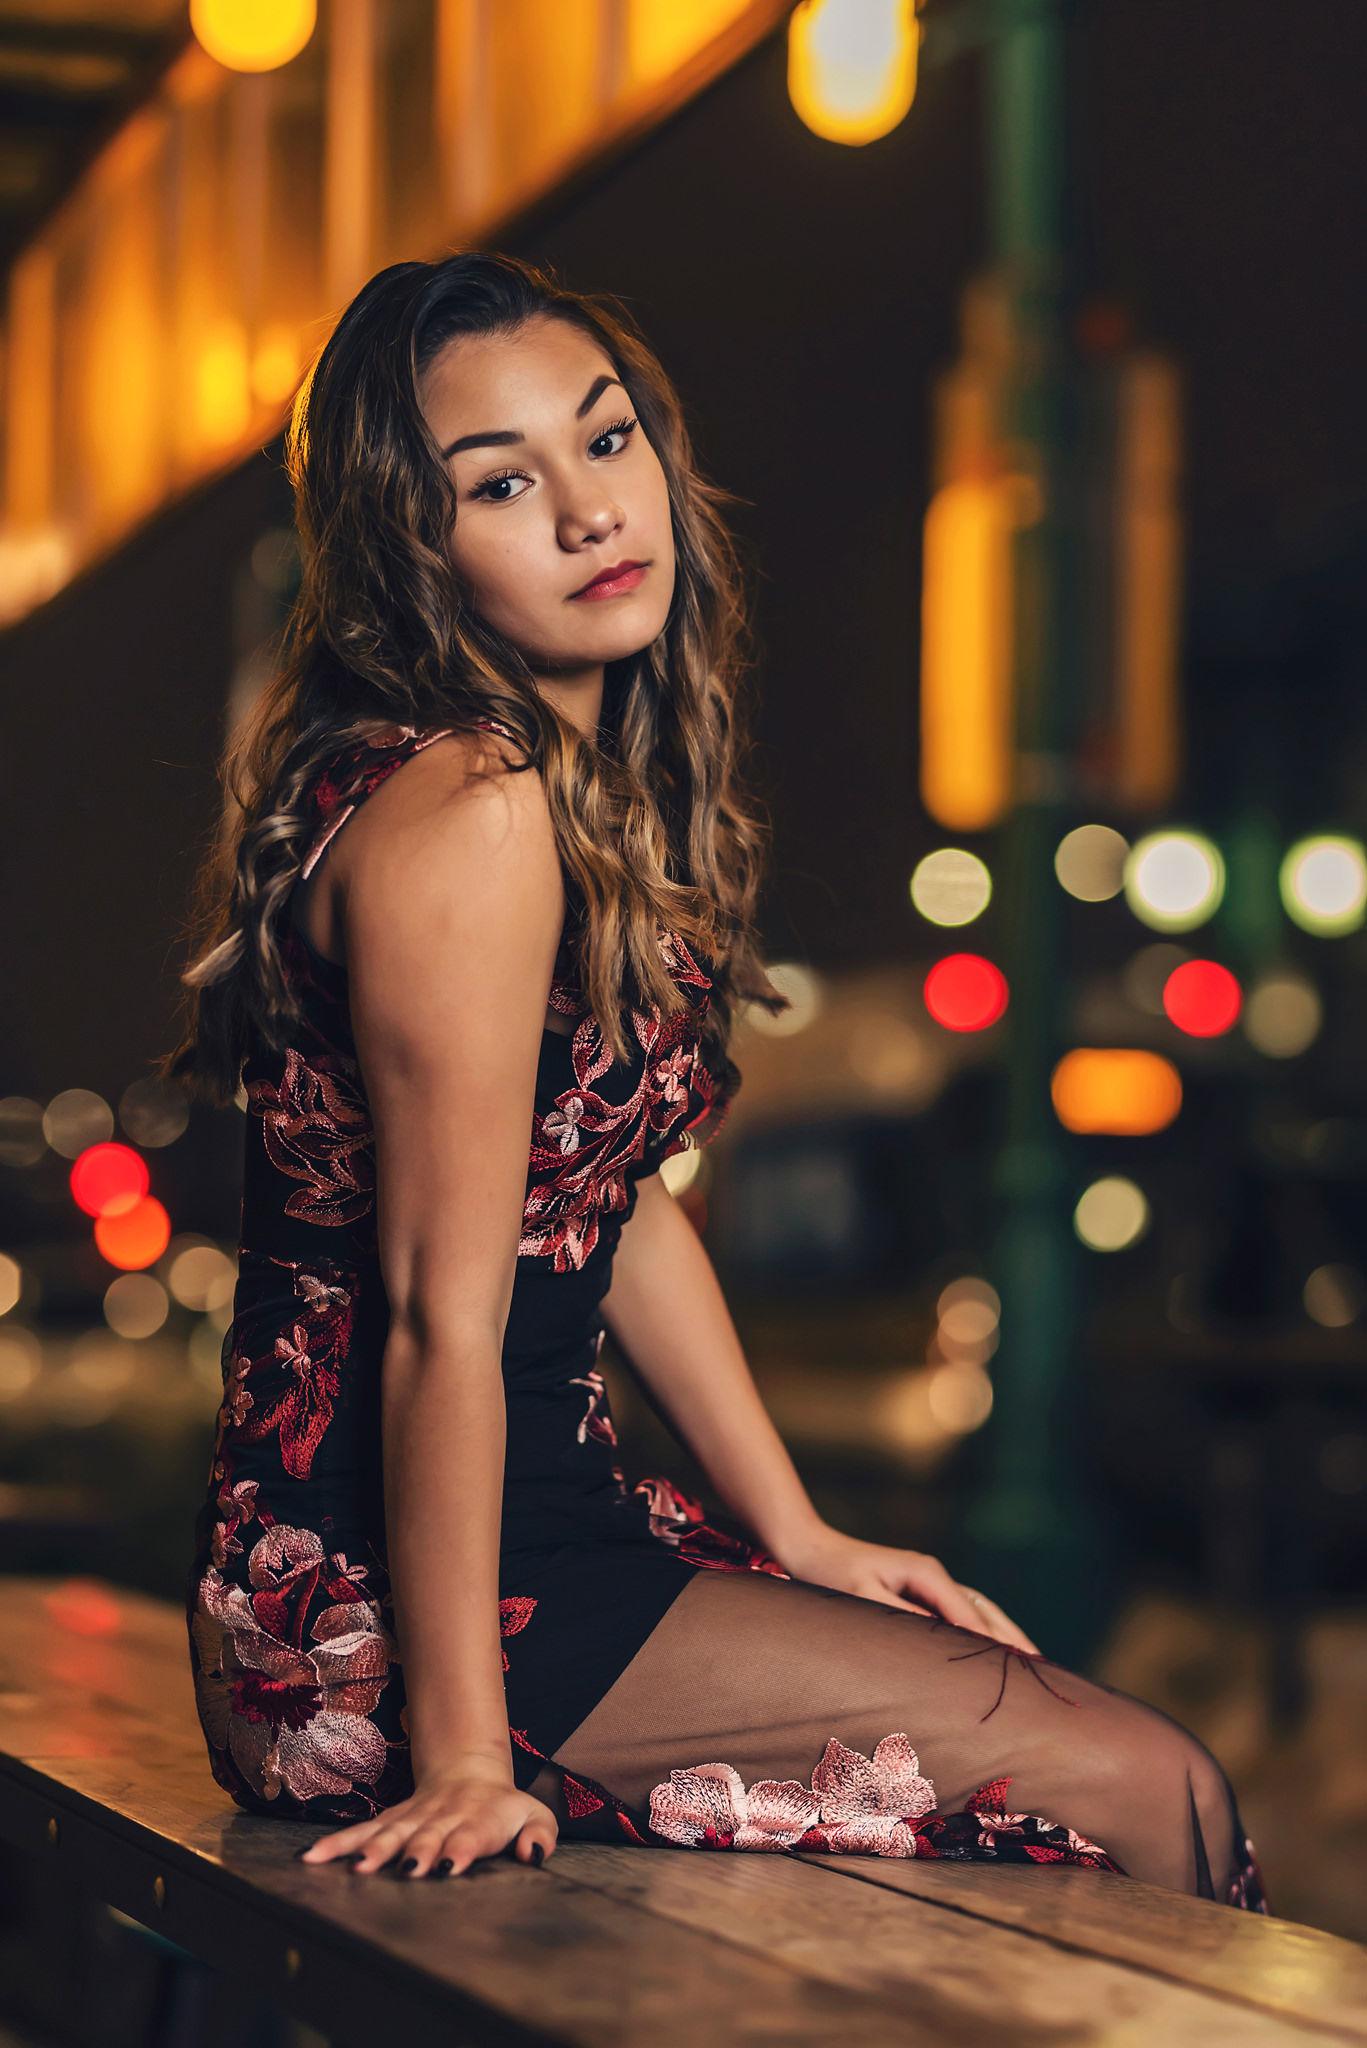 Jolisa